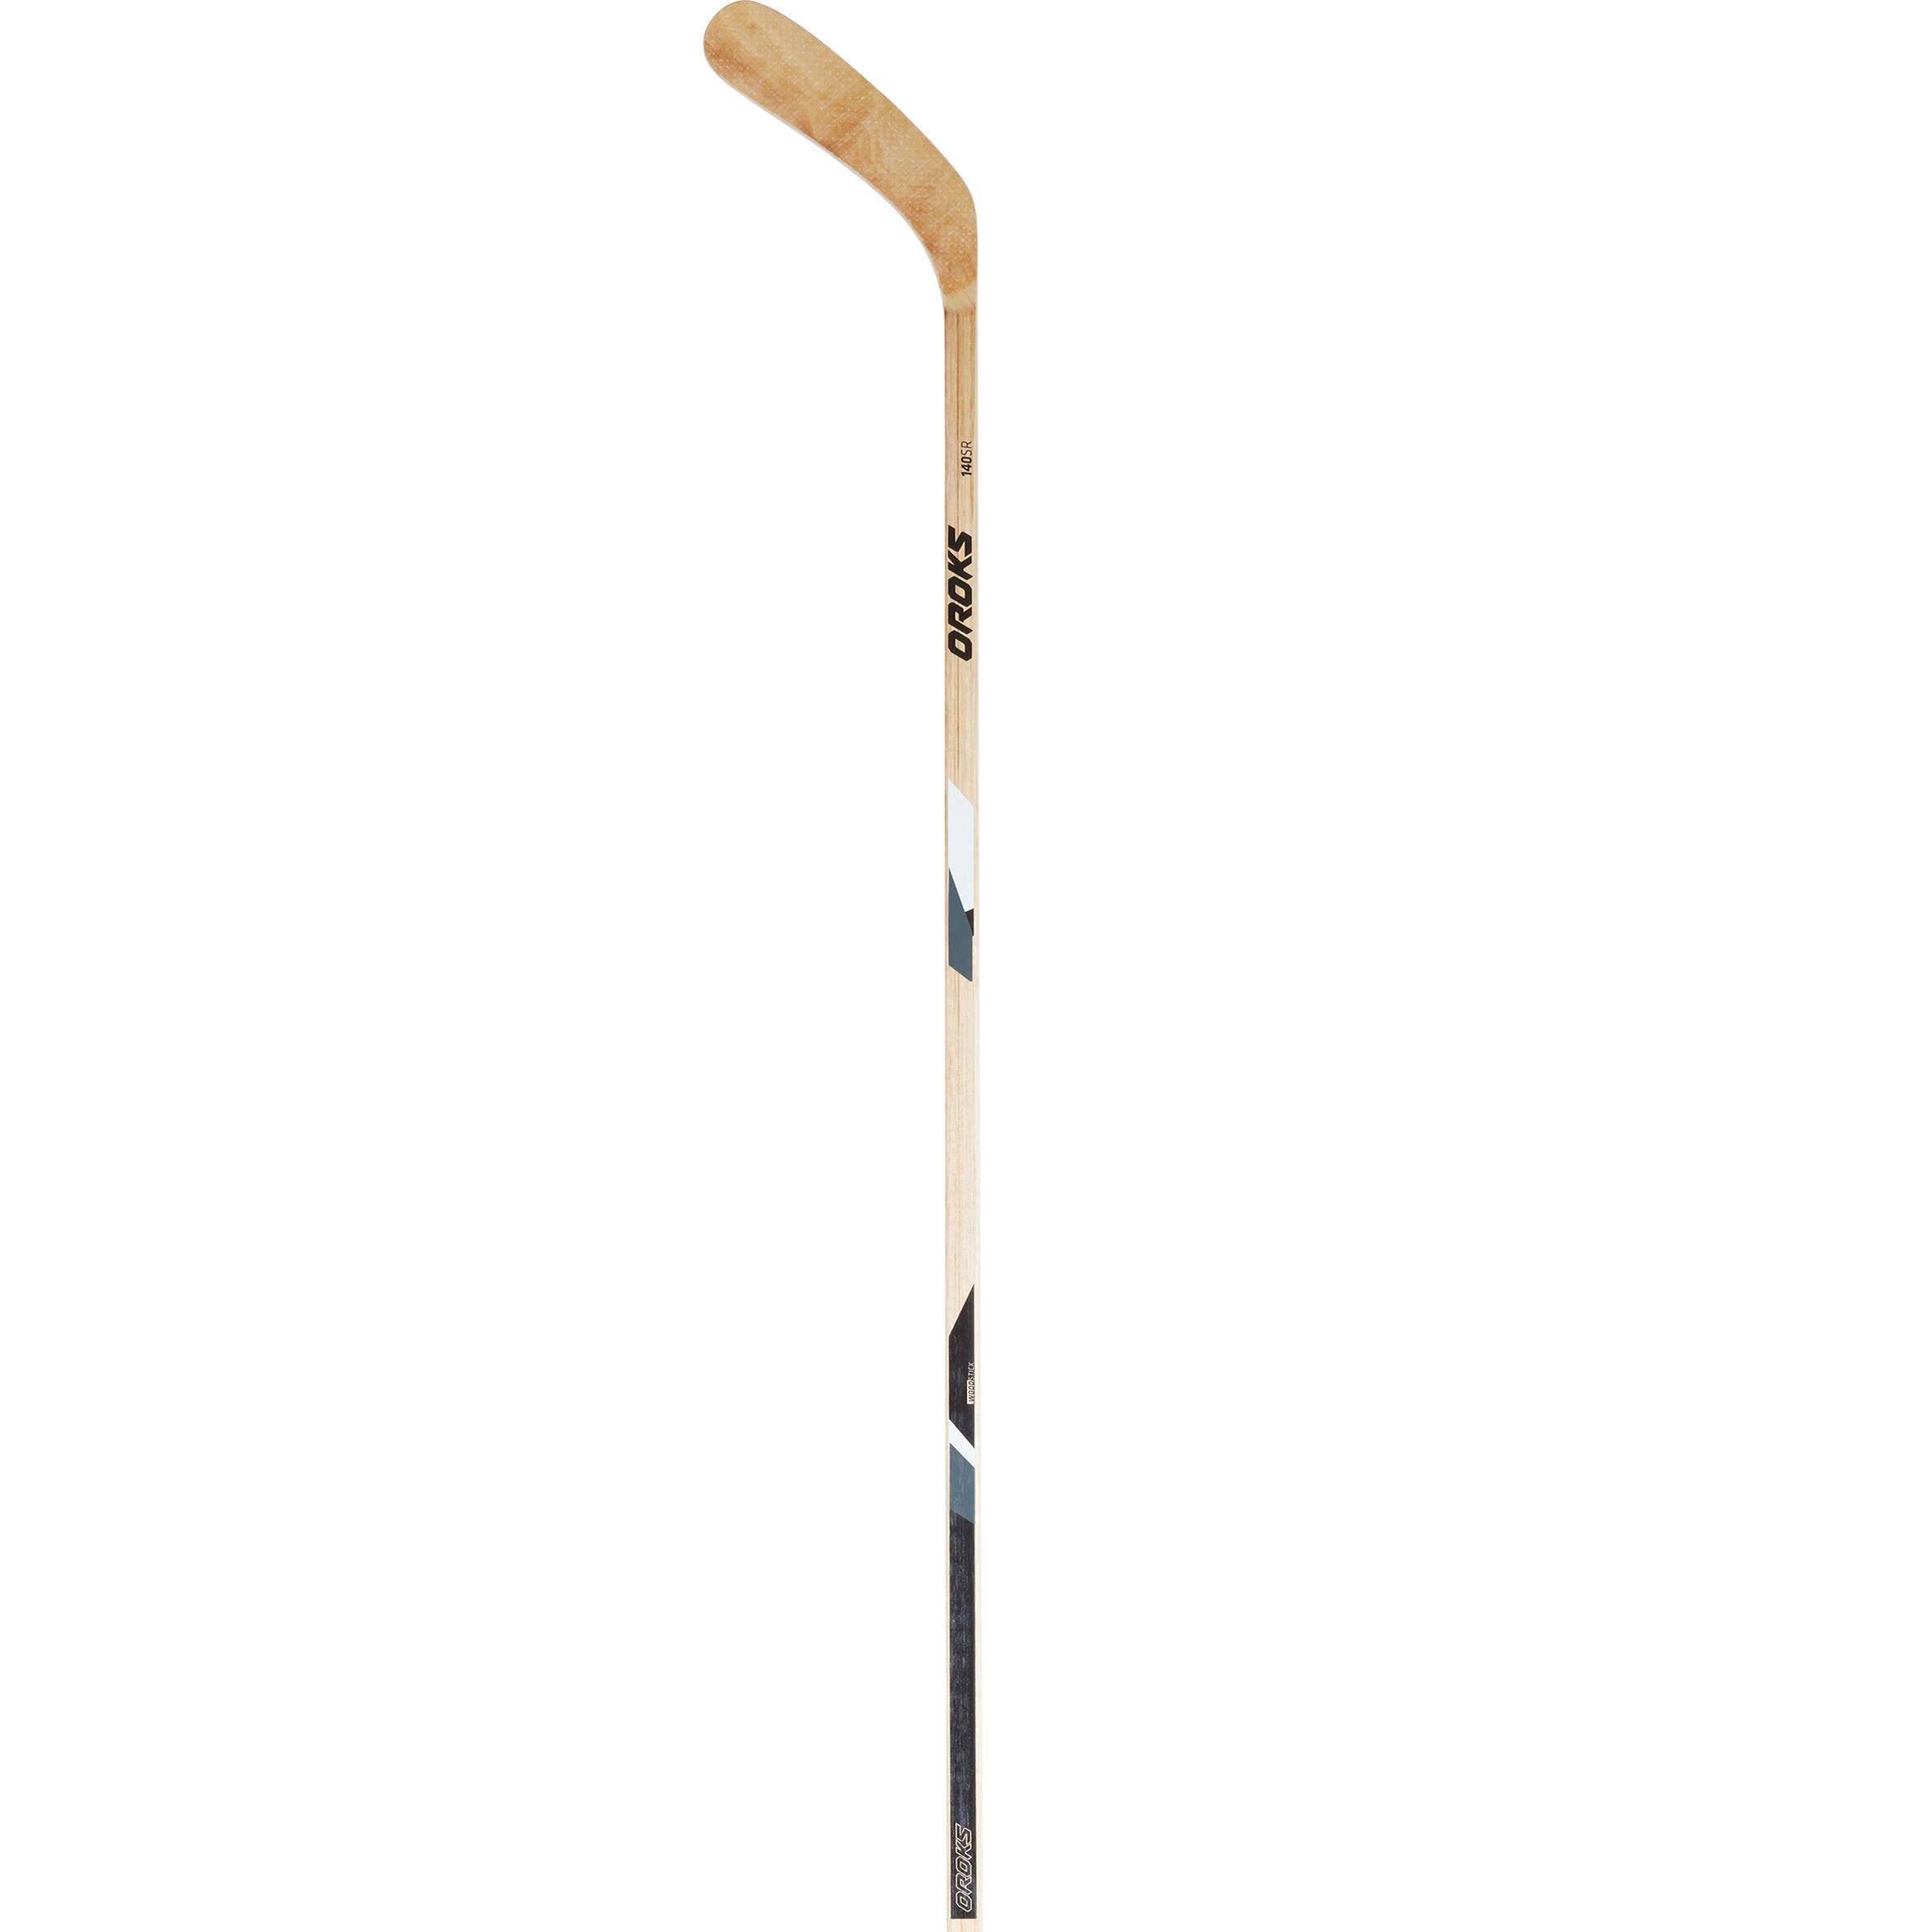 OROKS Mazza hockey IH 140 adulto